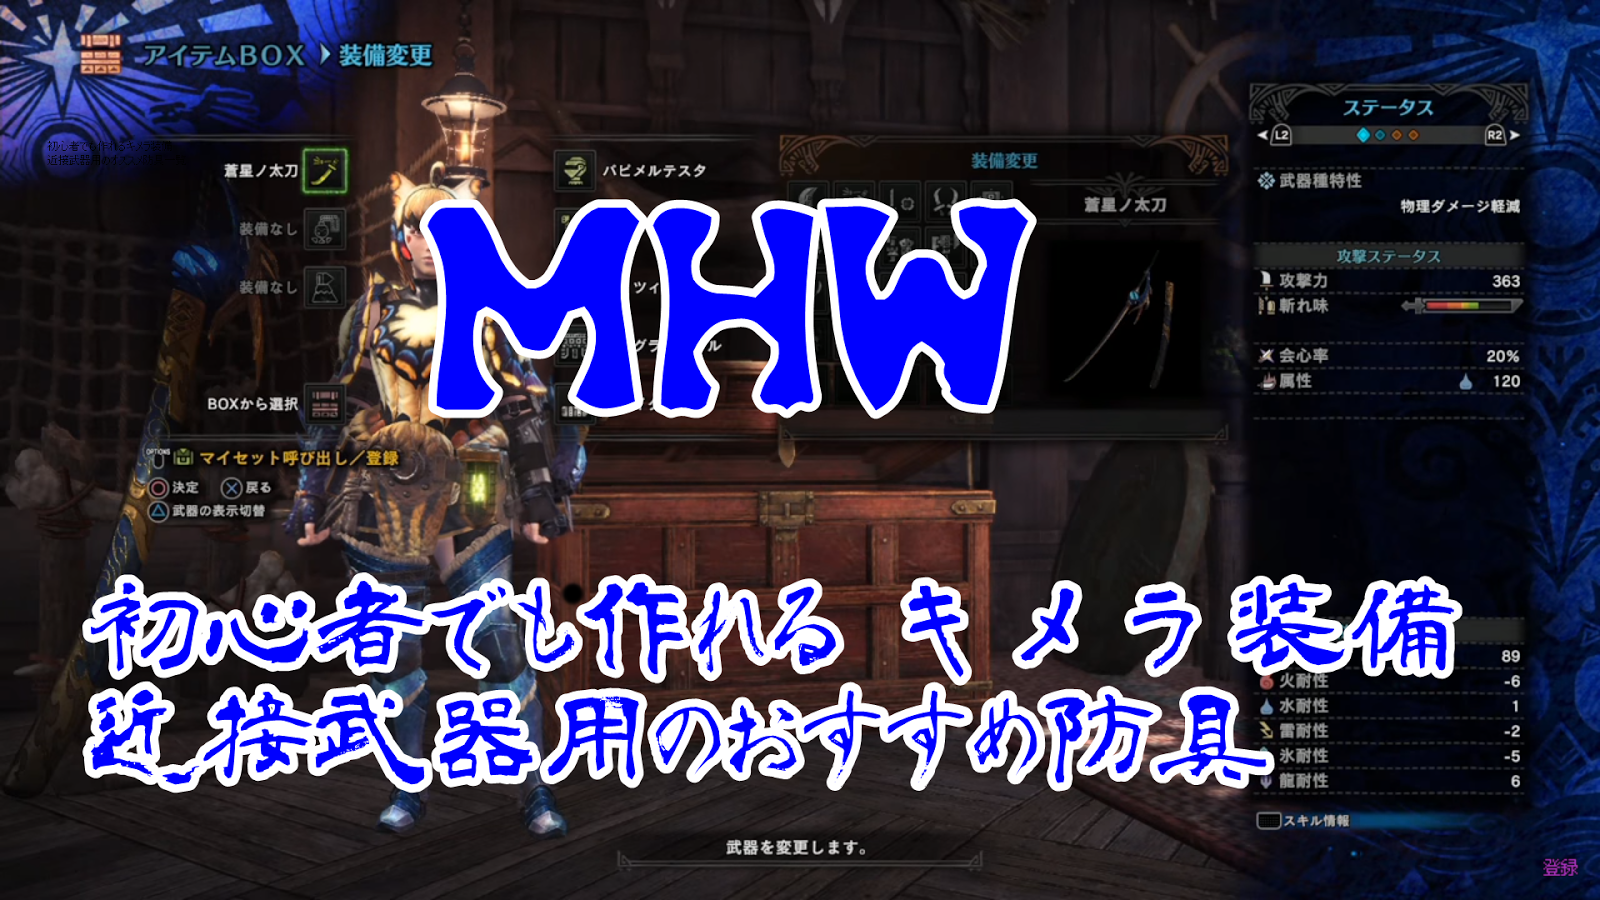 【MHW】近接キメラ下位装備 初心者でも簡単に作れるおすすめ防具について